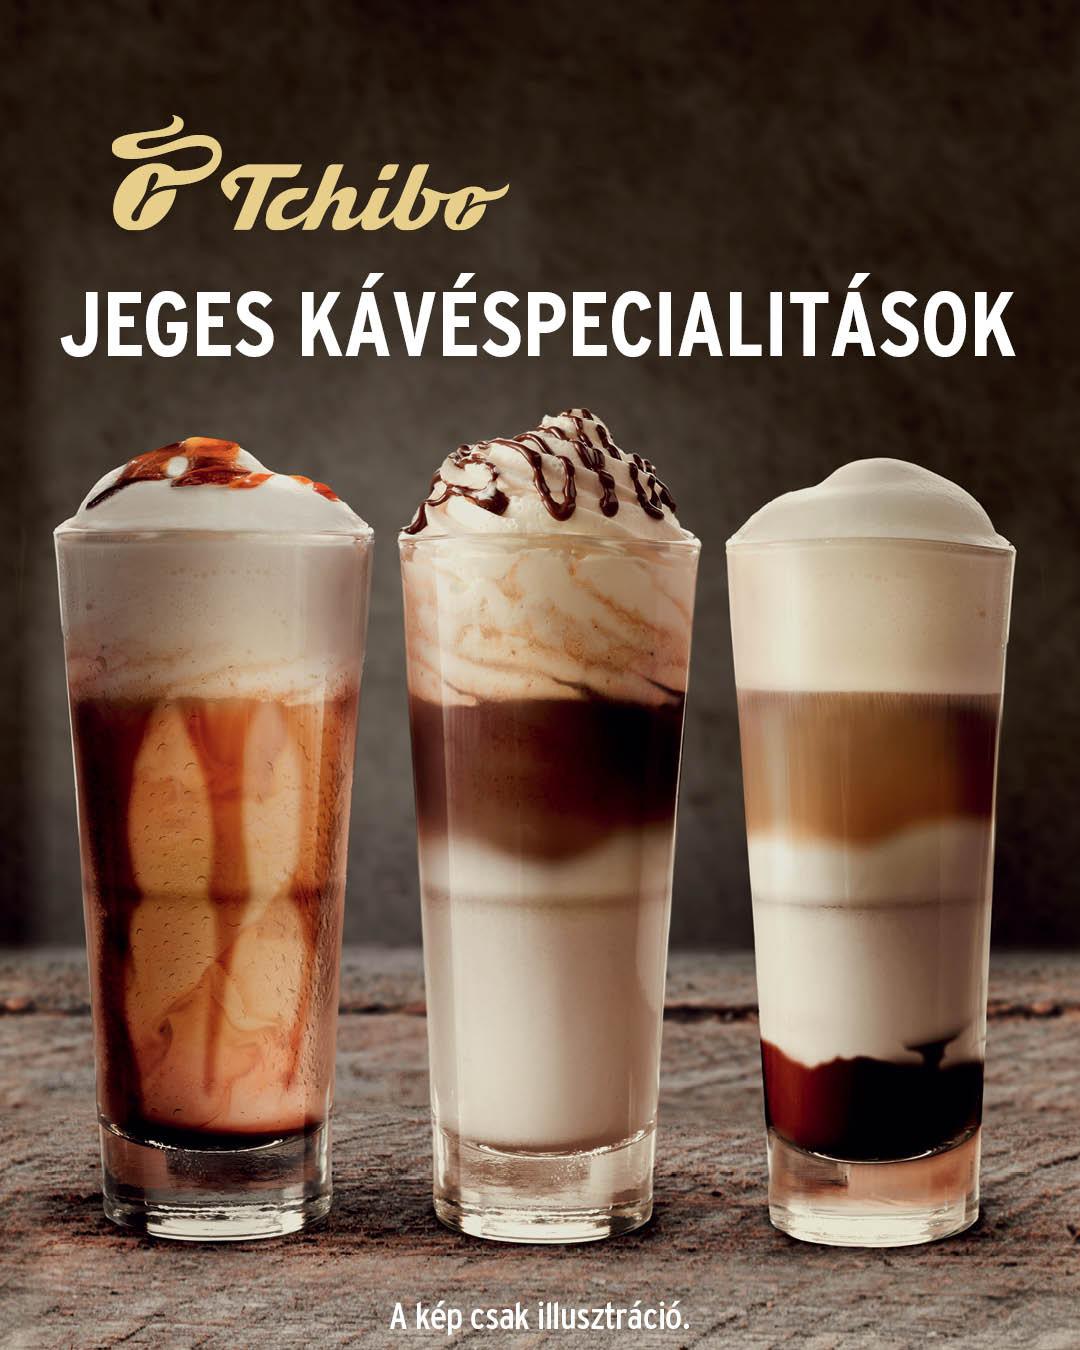 Jeges kávéspecialitások